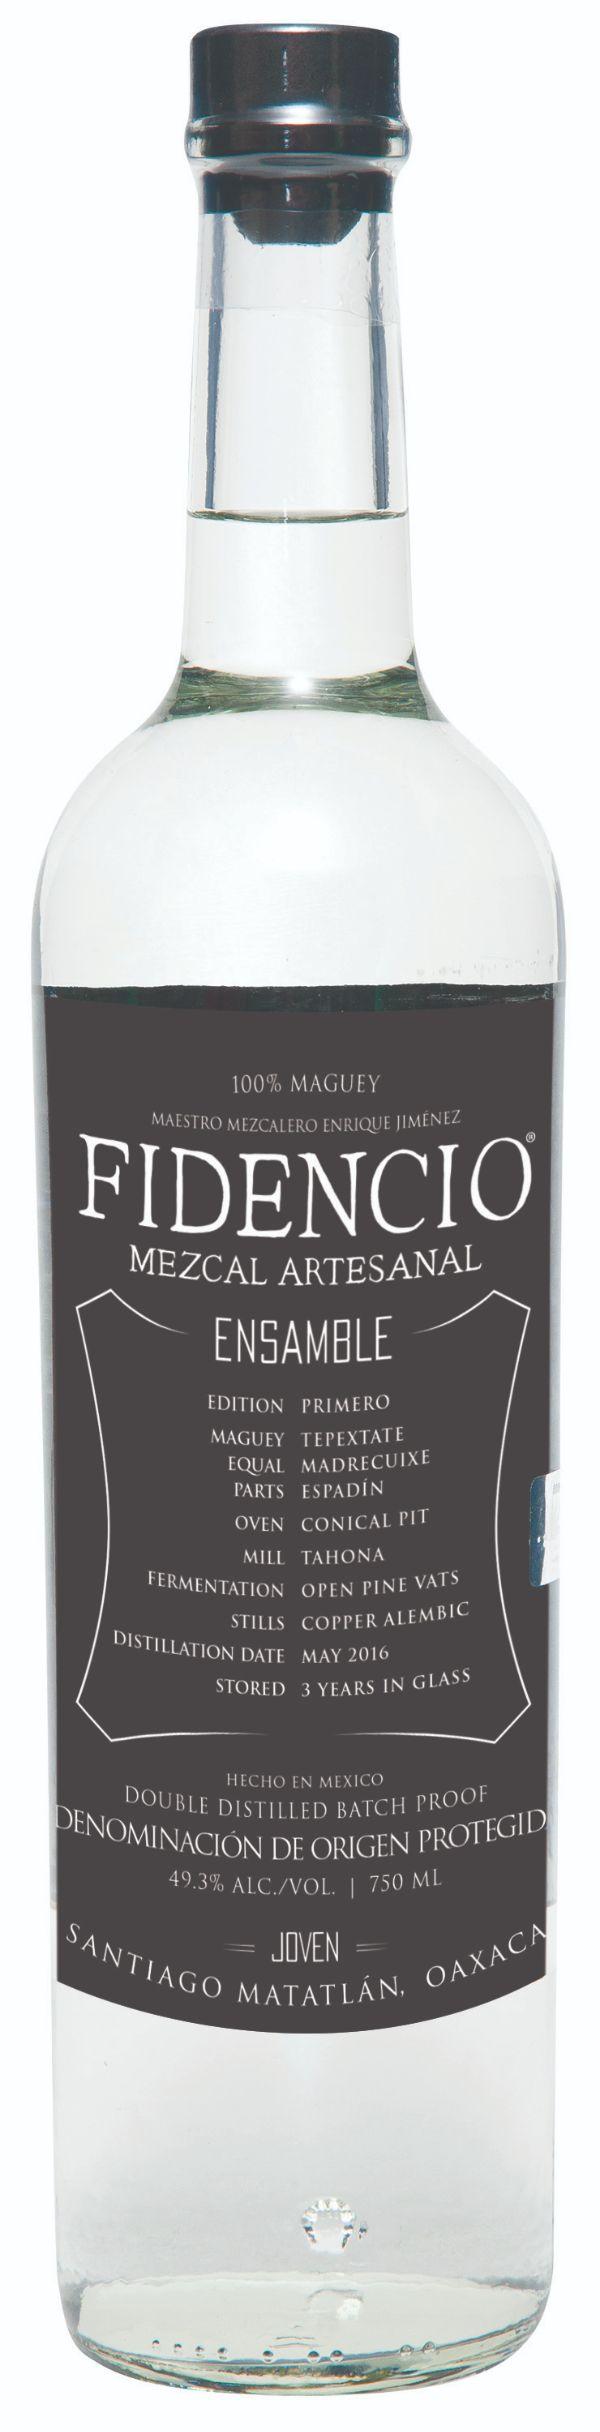 Fidencio Ensamble Mezcal